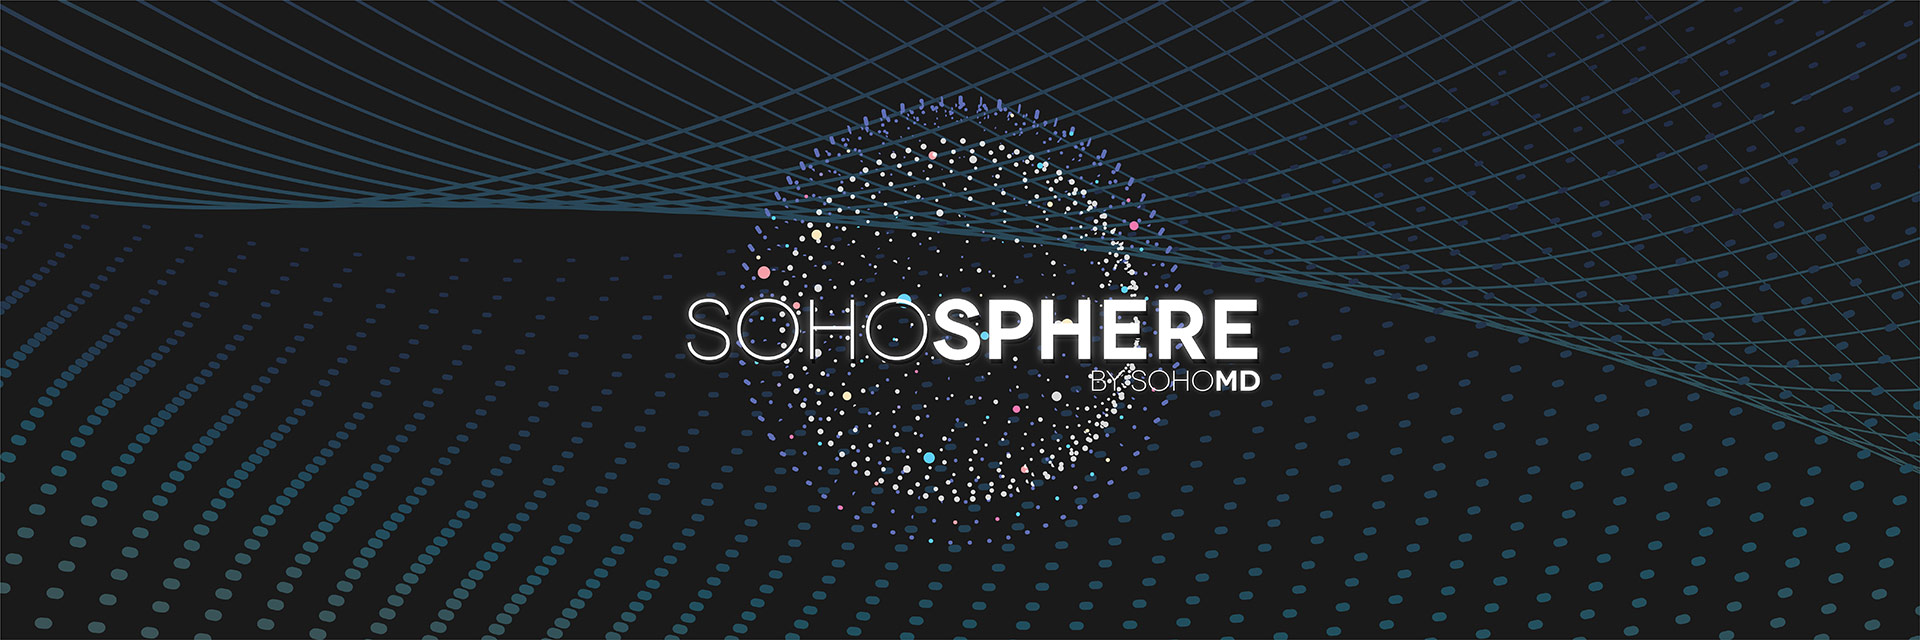 Sohosphere